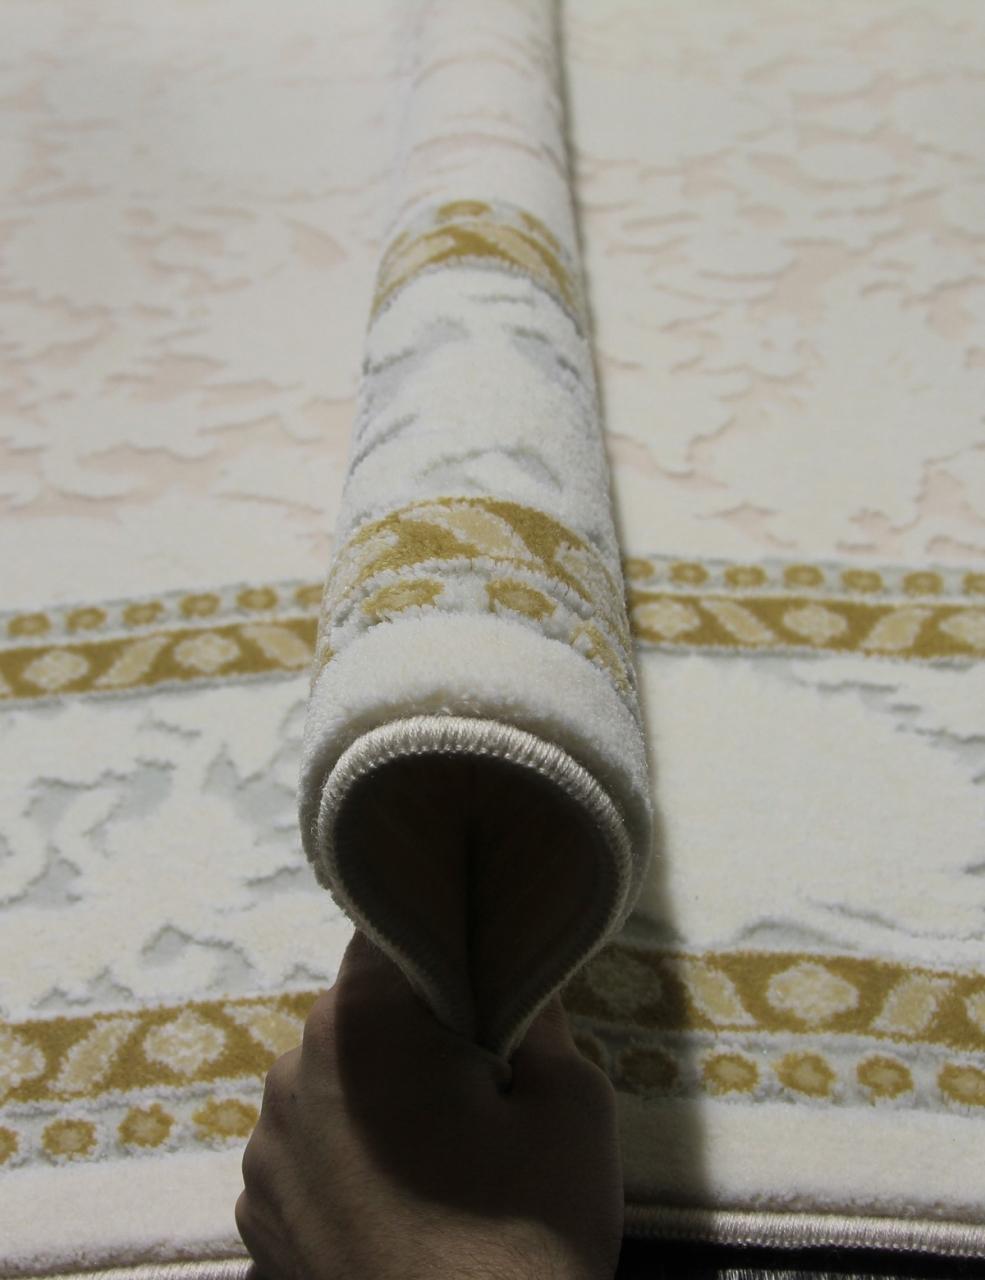 Ковер 13288 - 060 - Прямоугольник - коллекция RAMSES - фото 2